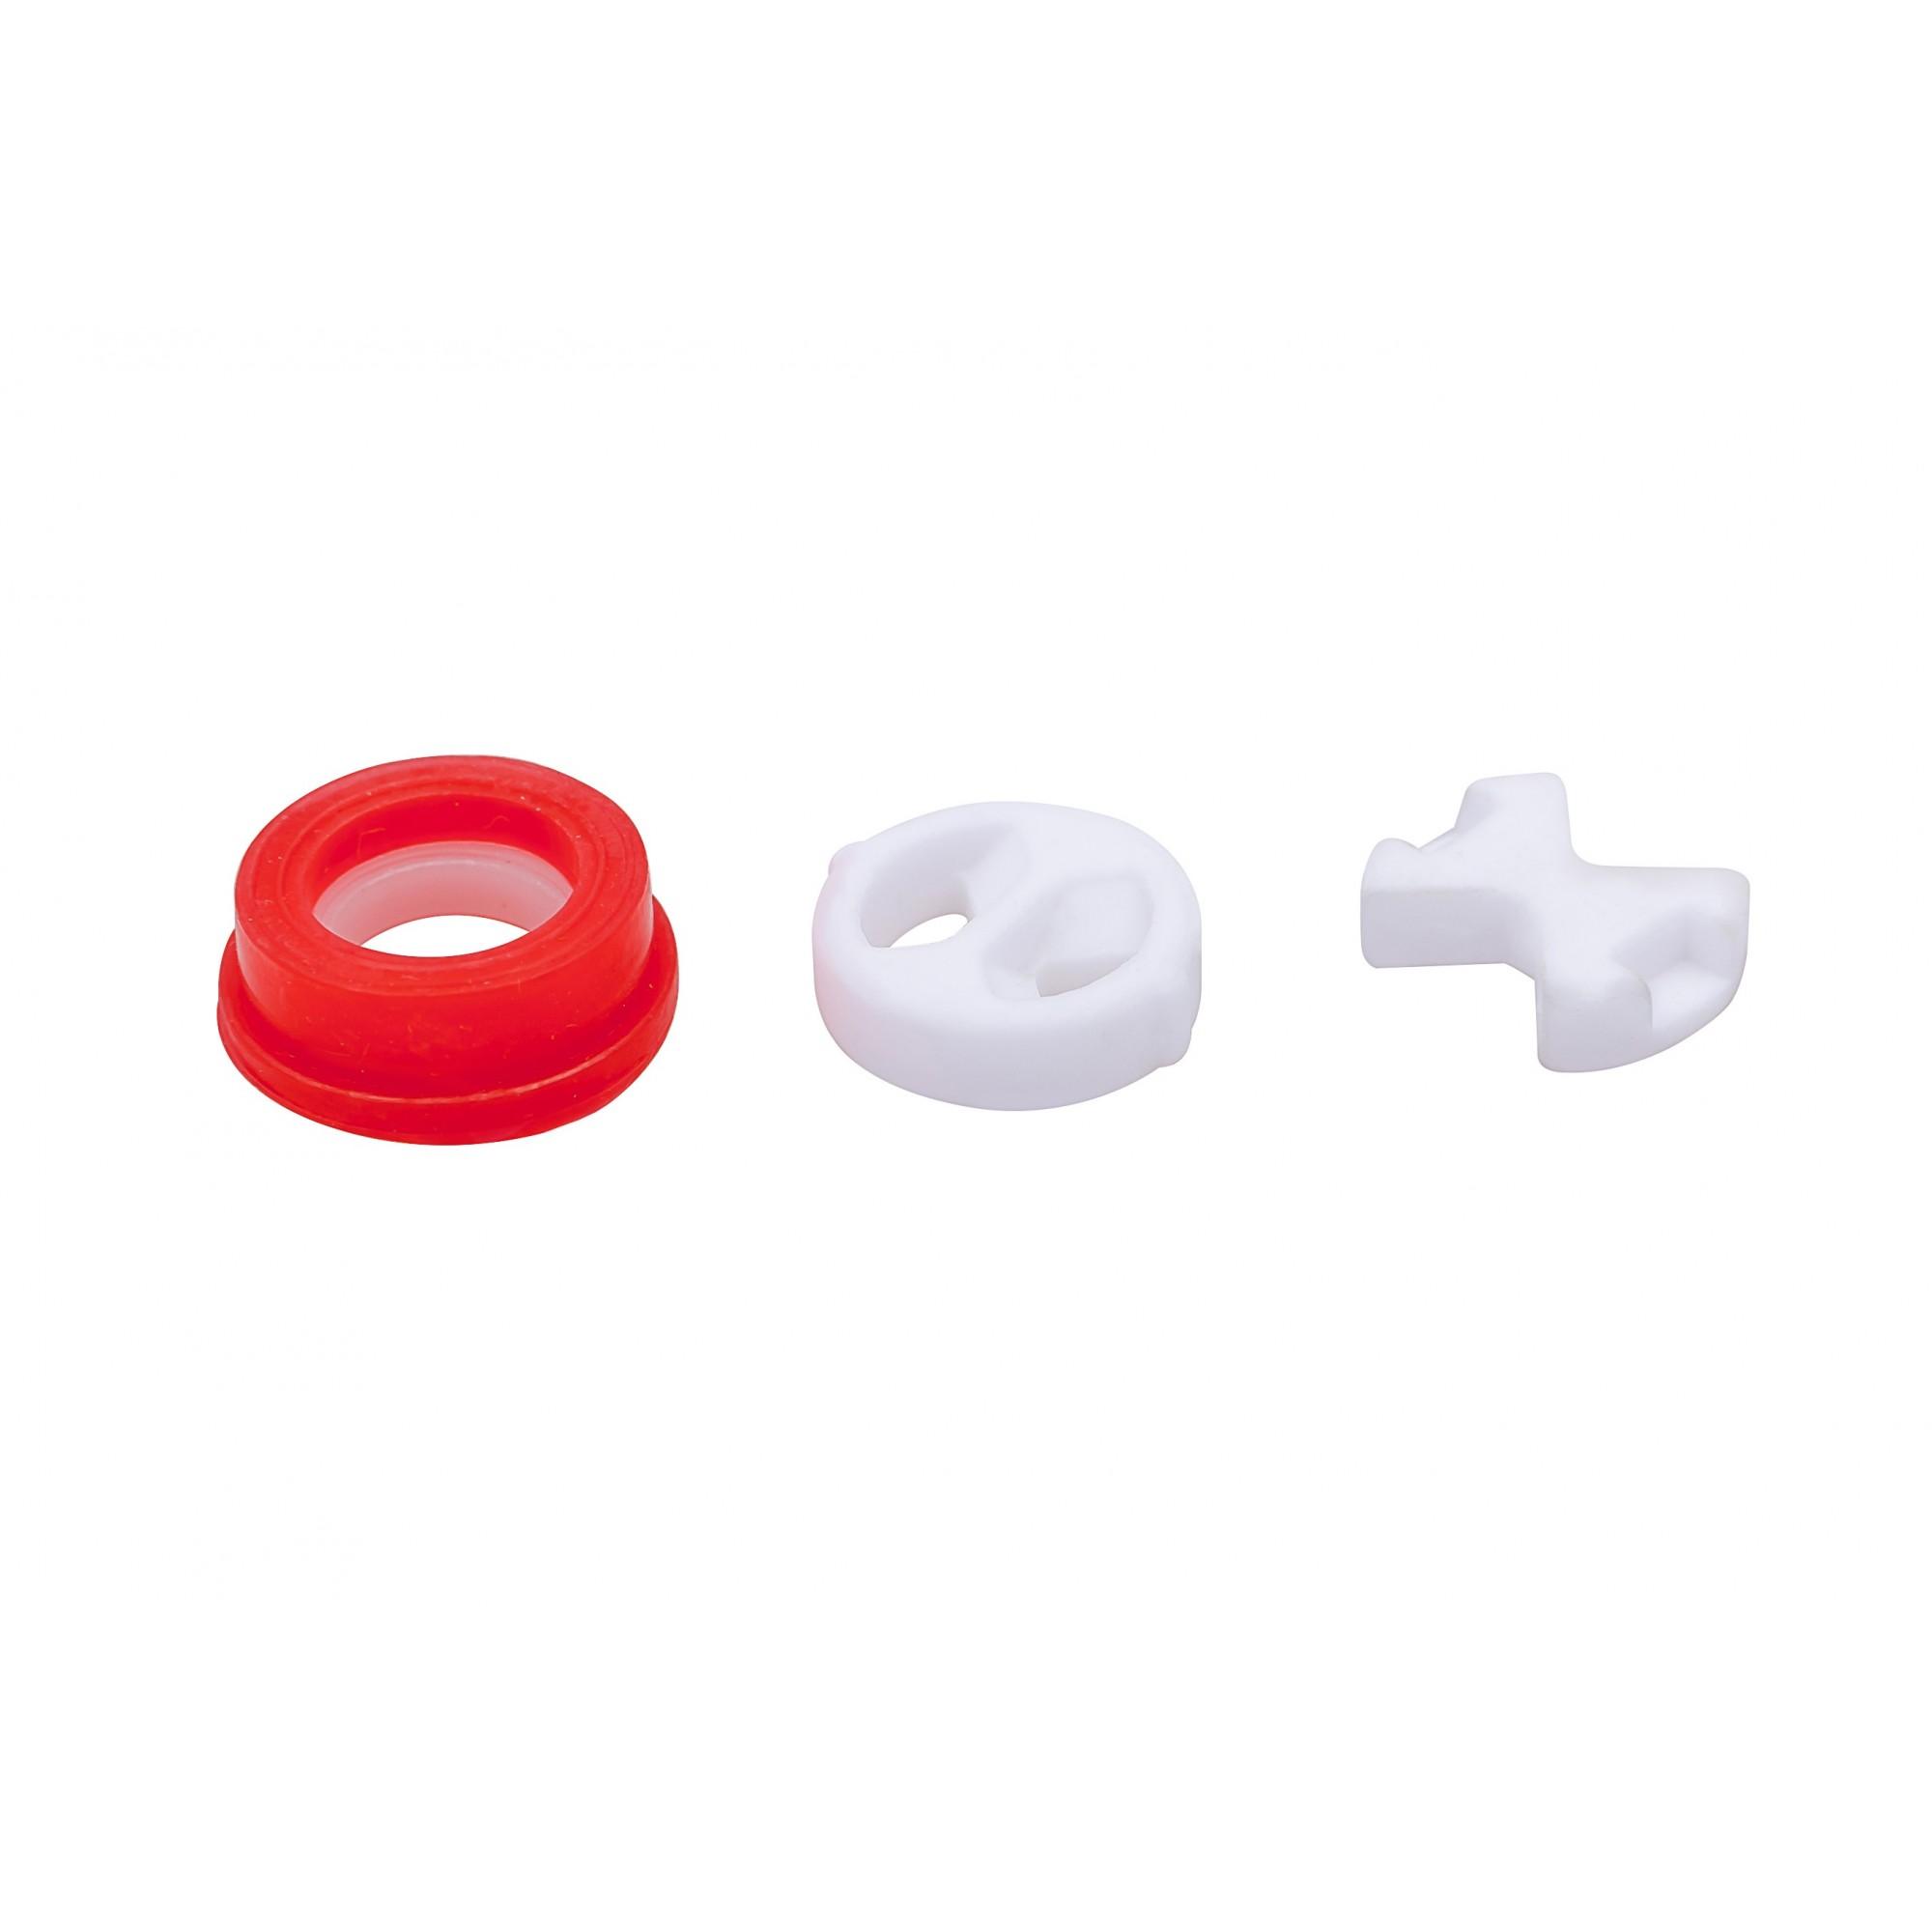 Набор прокладок для буксы 1/2,14.5 мм упаковка 10 штук ANGO - 1